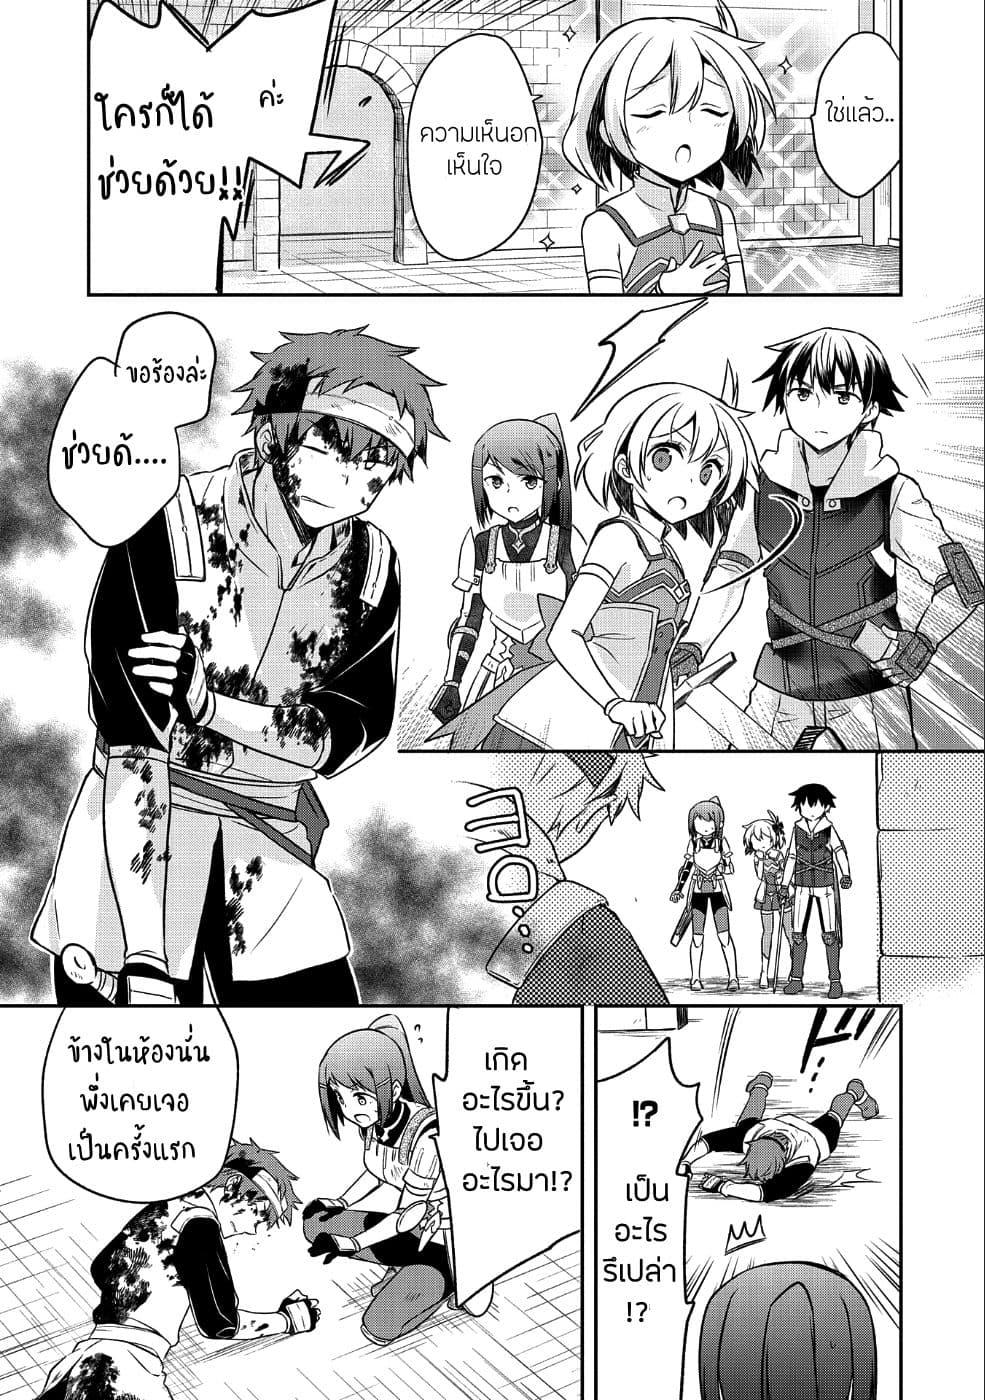 อ่านการ์ตูน Mushoku No Eiyuu Betsu Ni Skill Nanka Iranakatta Ndaga ตอนที่ 7 หน้าที่ 19